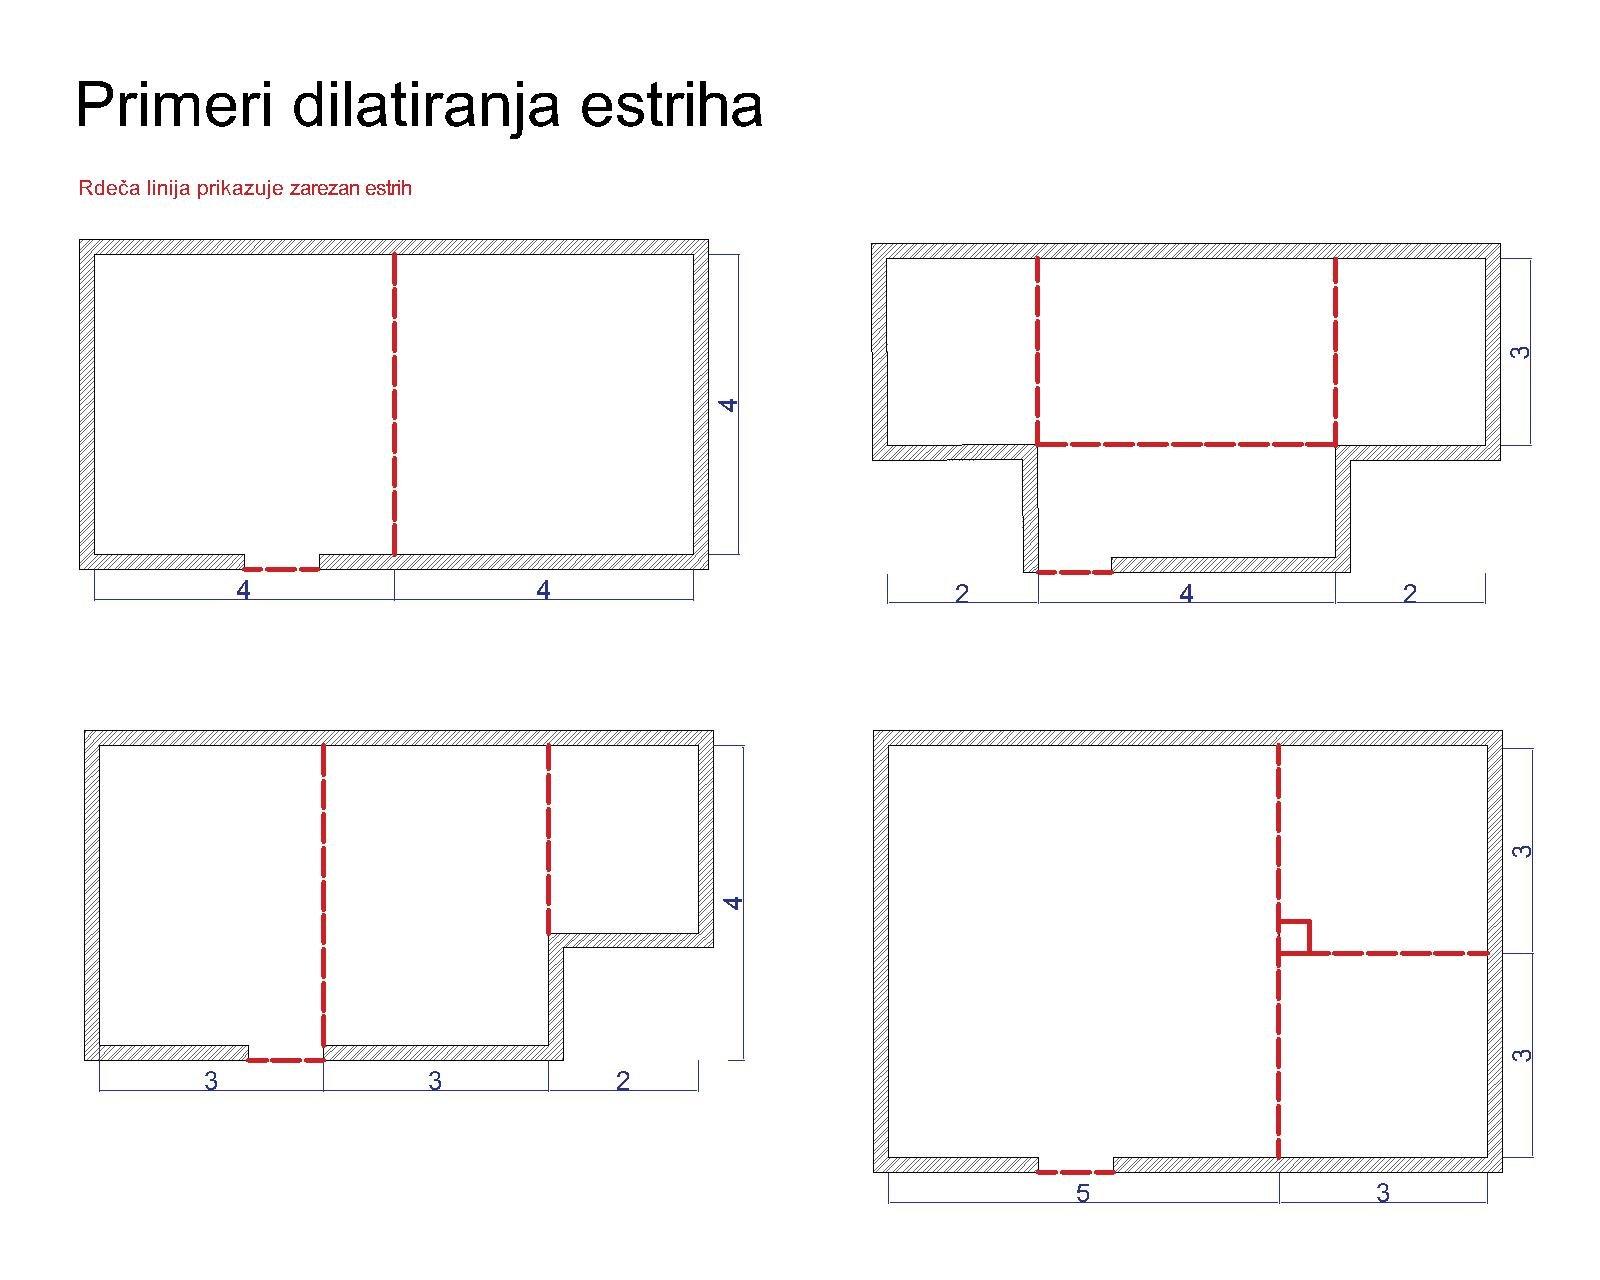 Skice pravilnega dilatiranja estriha